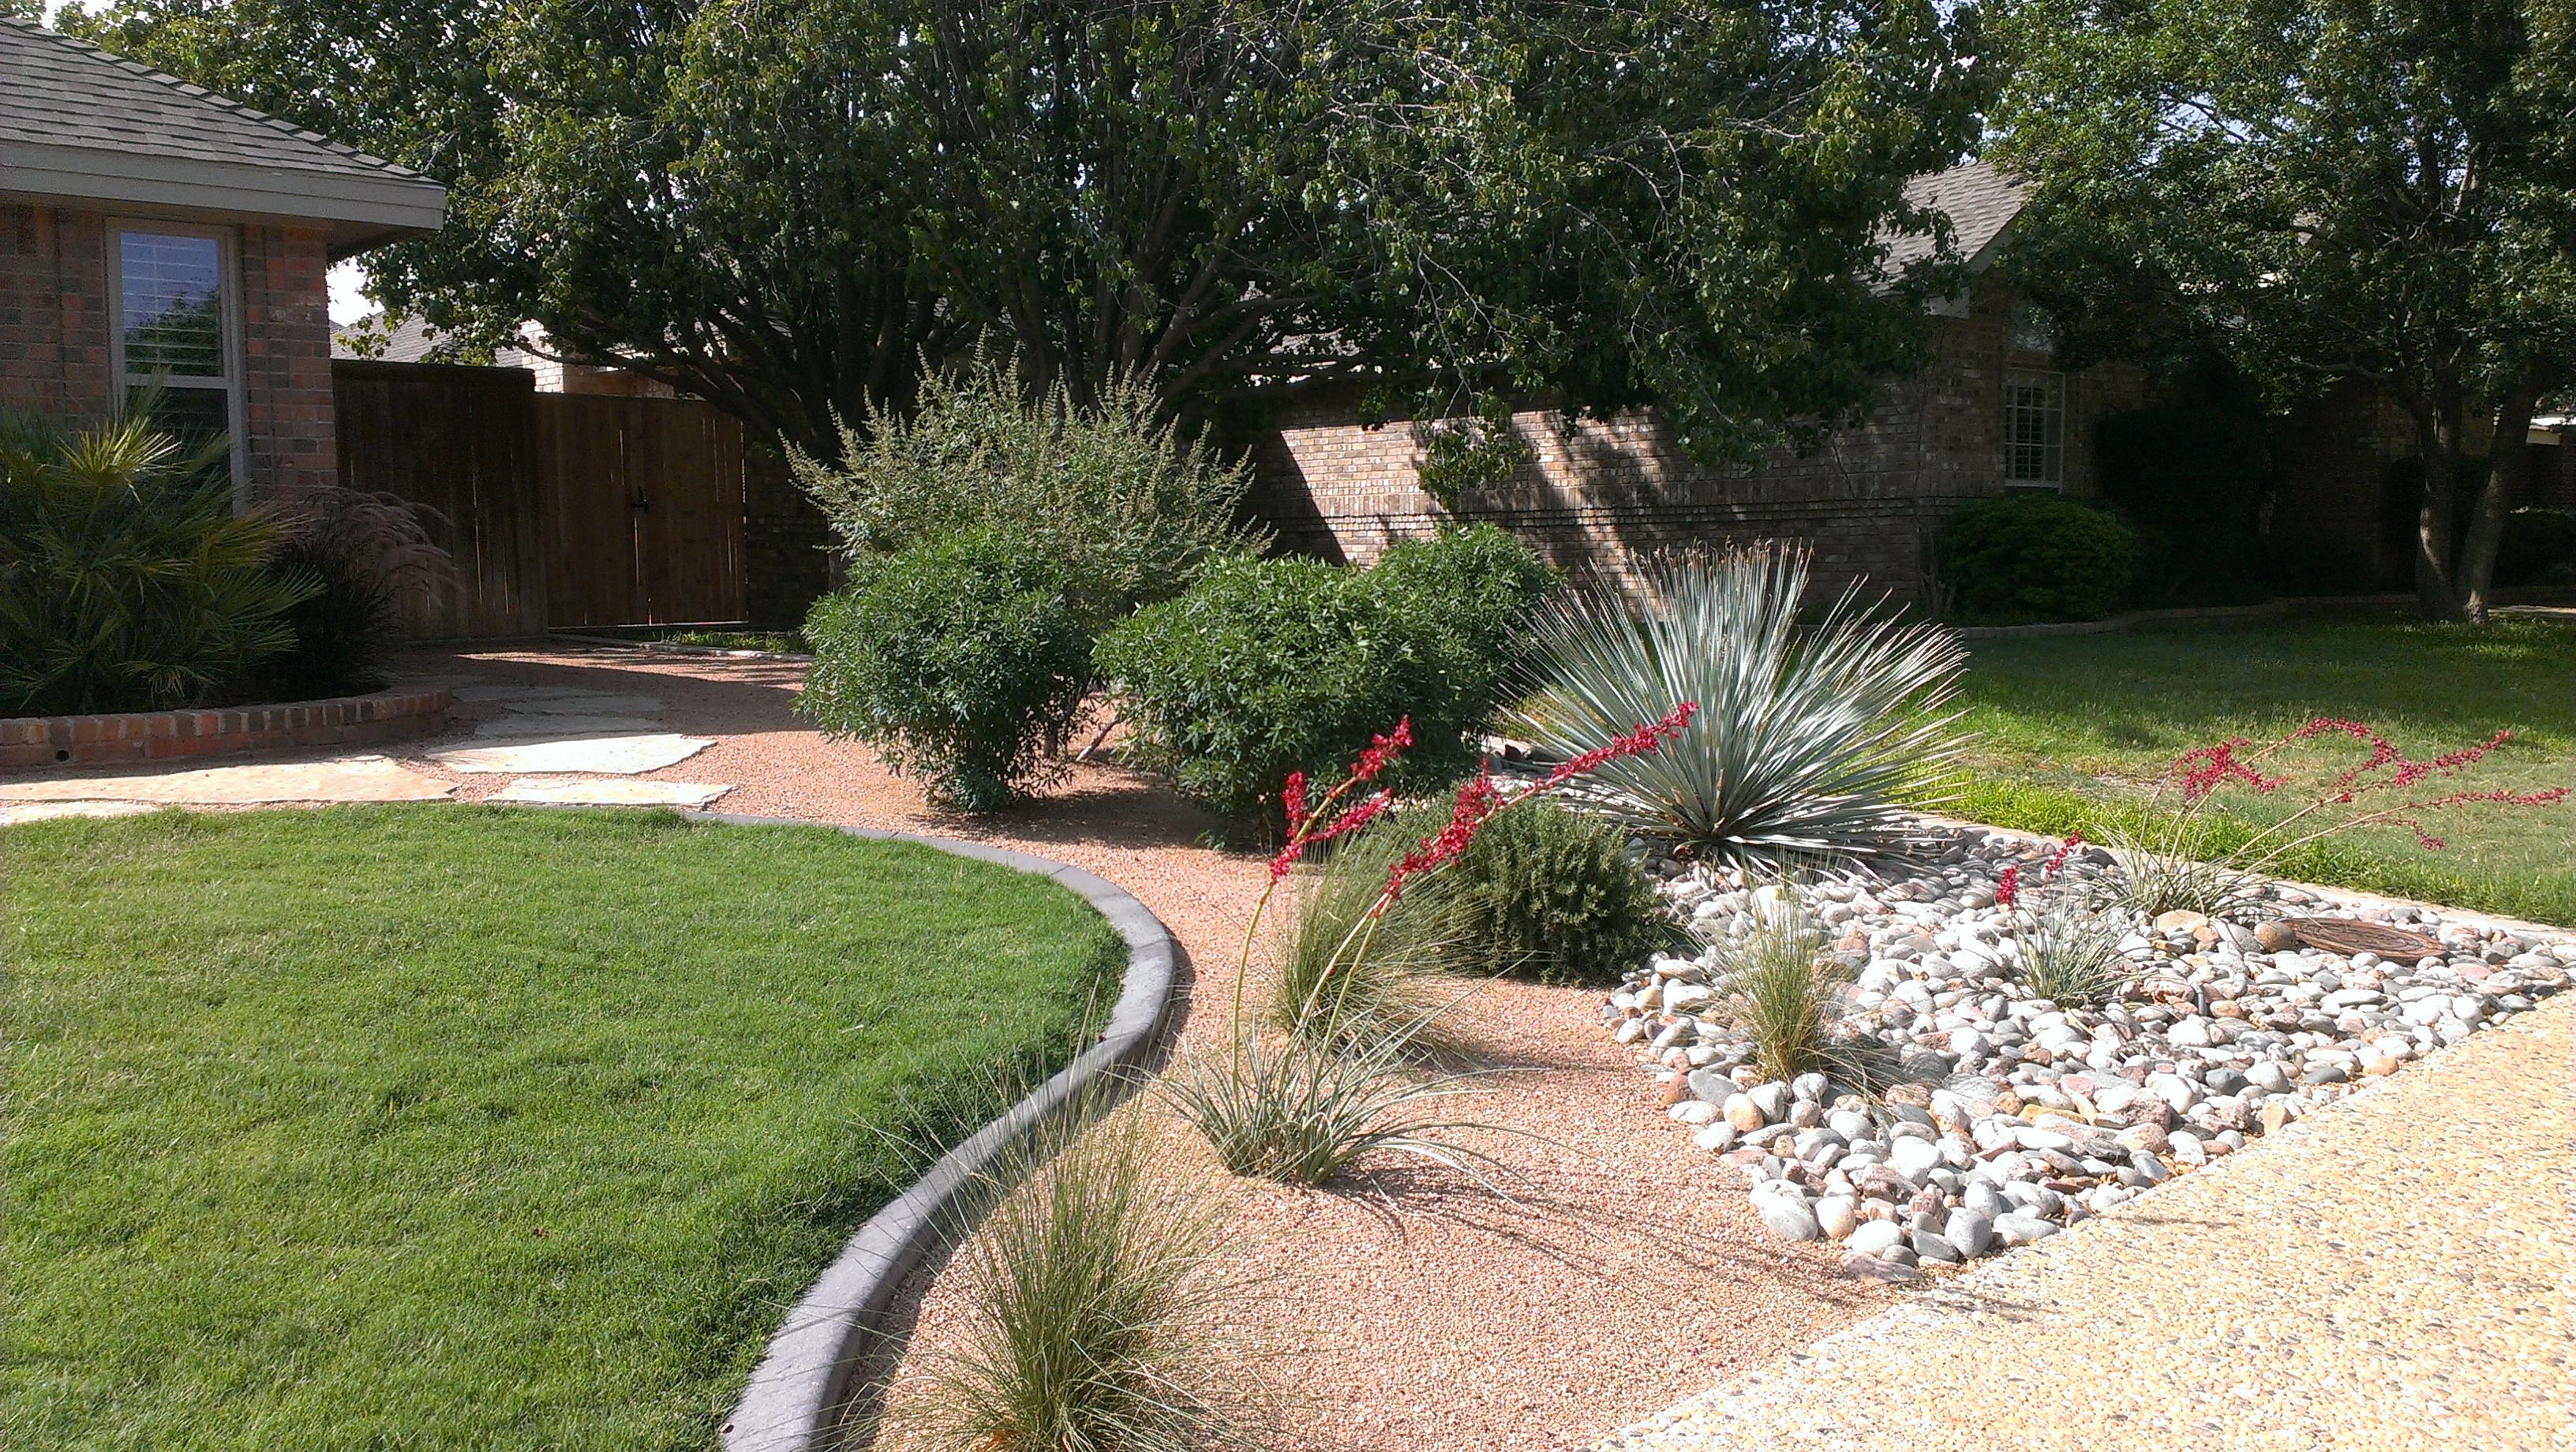 Agrilife Extension Sets Home Landscape Design School In Midland